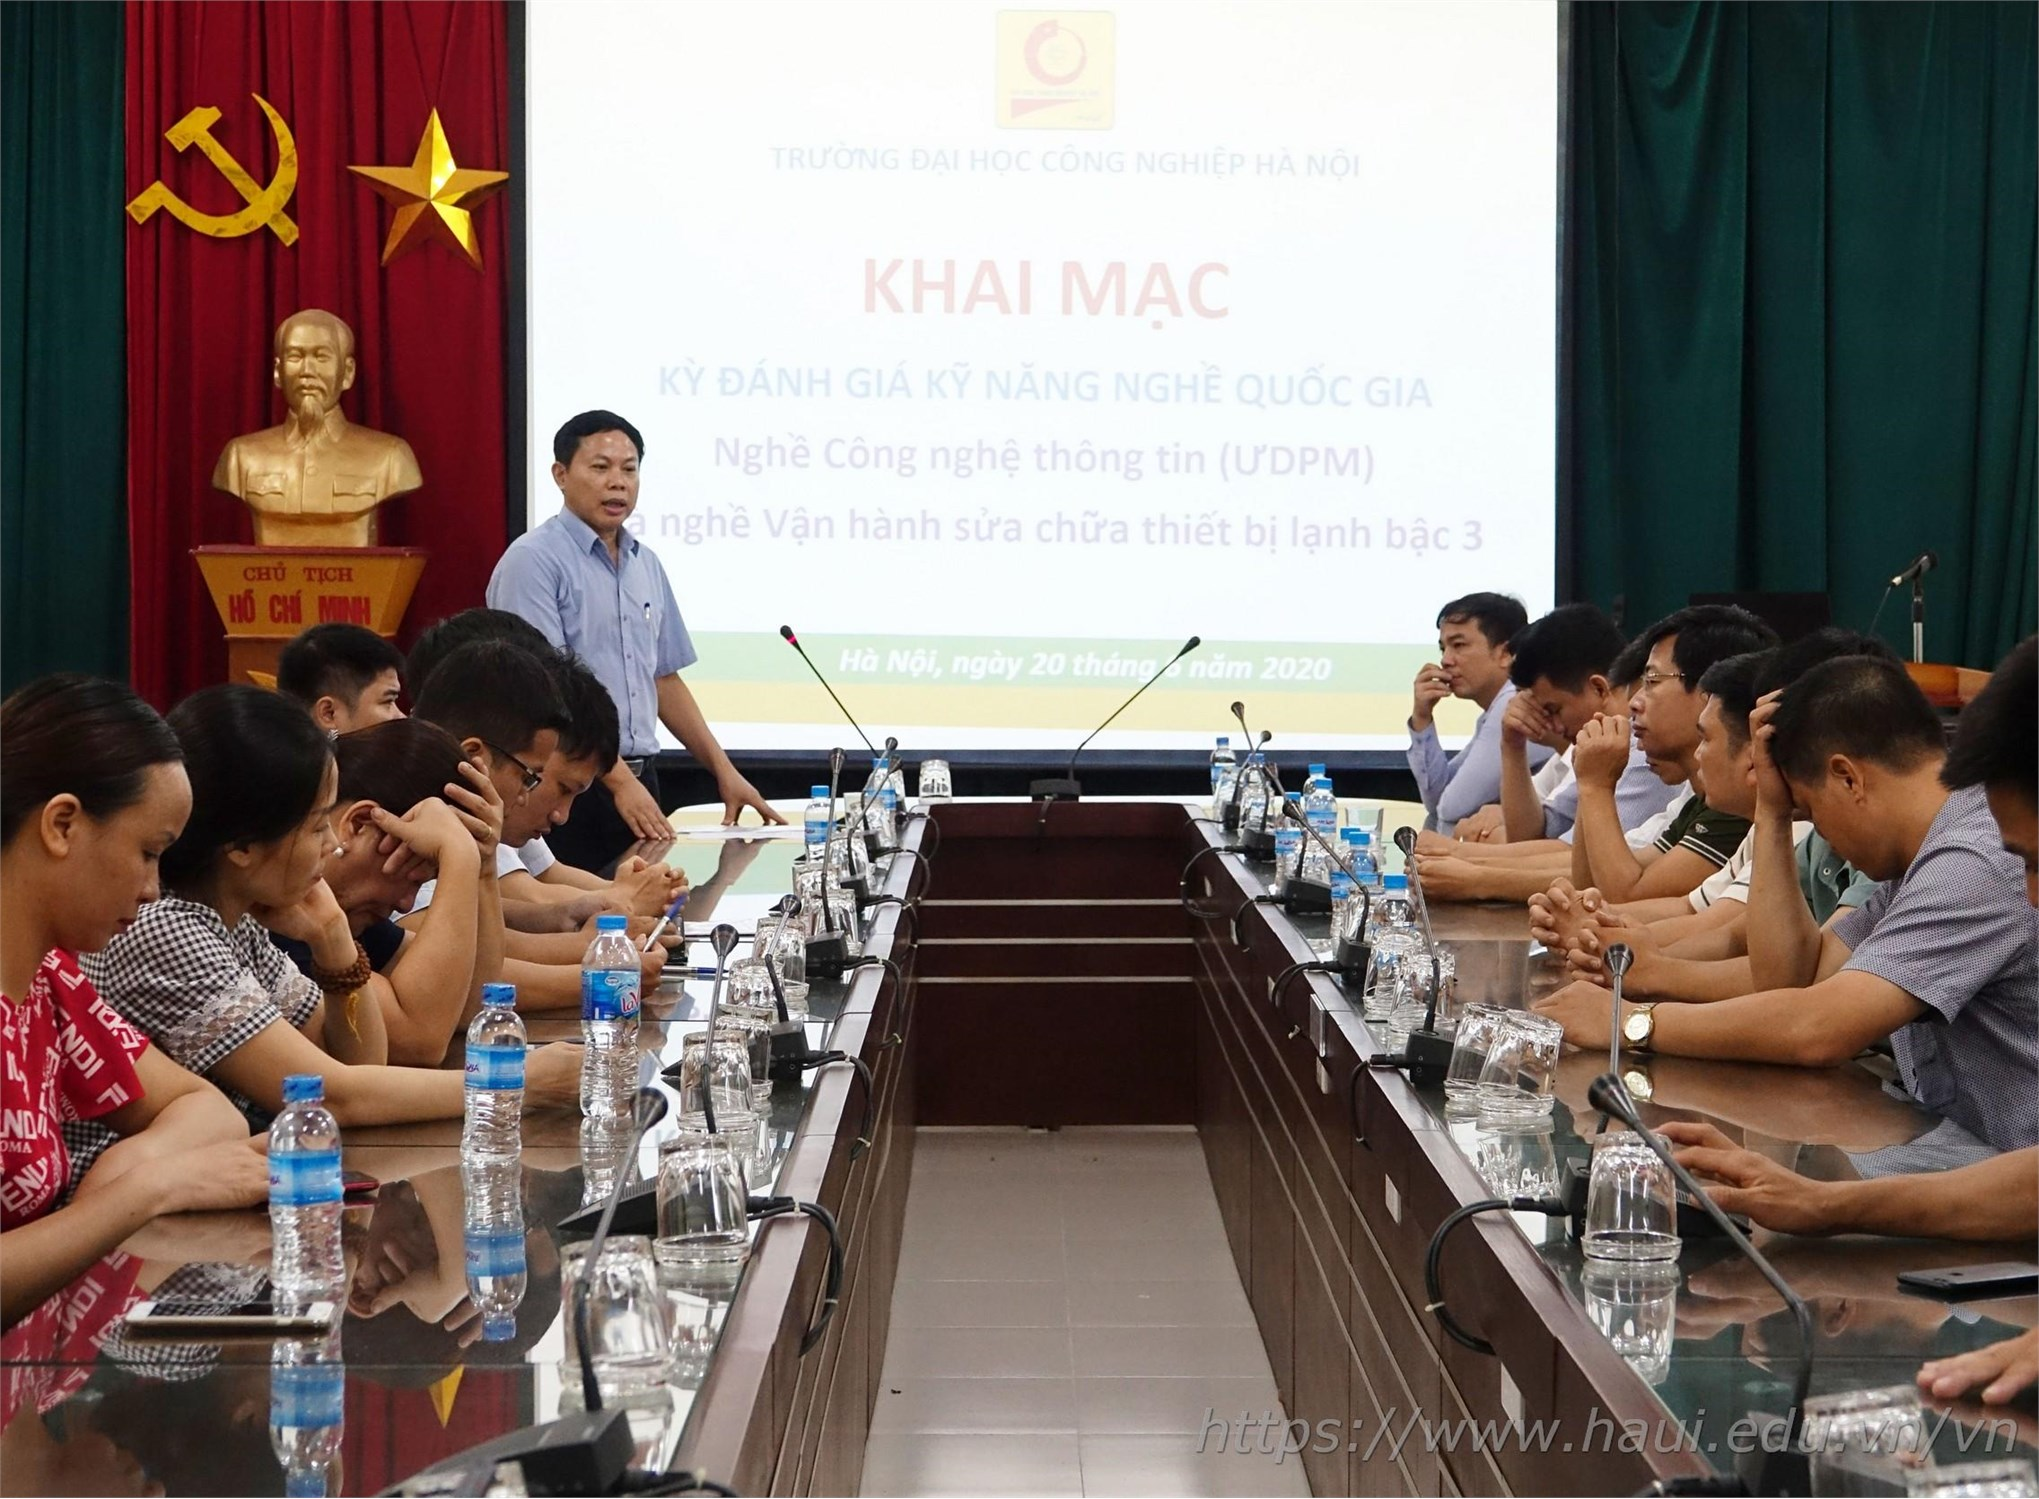 TS. Nguyễn Văn Thành - Giám đốc Trung tâm Hợp tác Doanh nghiệp phát biểu khai mạc Kỳ đánh giá kỹ năng nghề quốc gia năm 2020